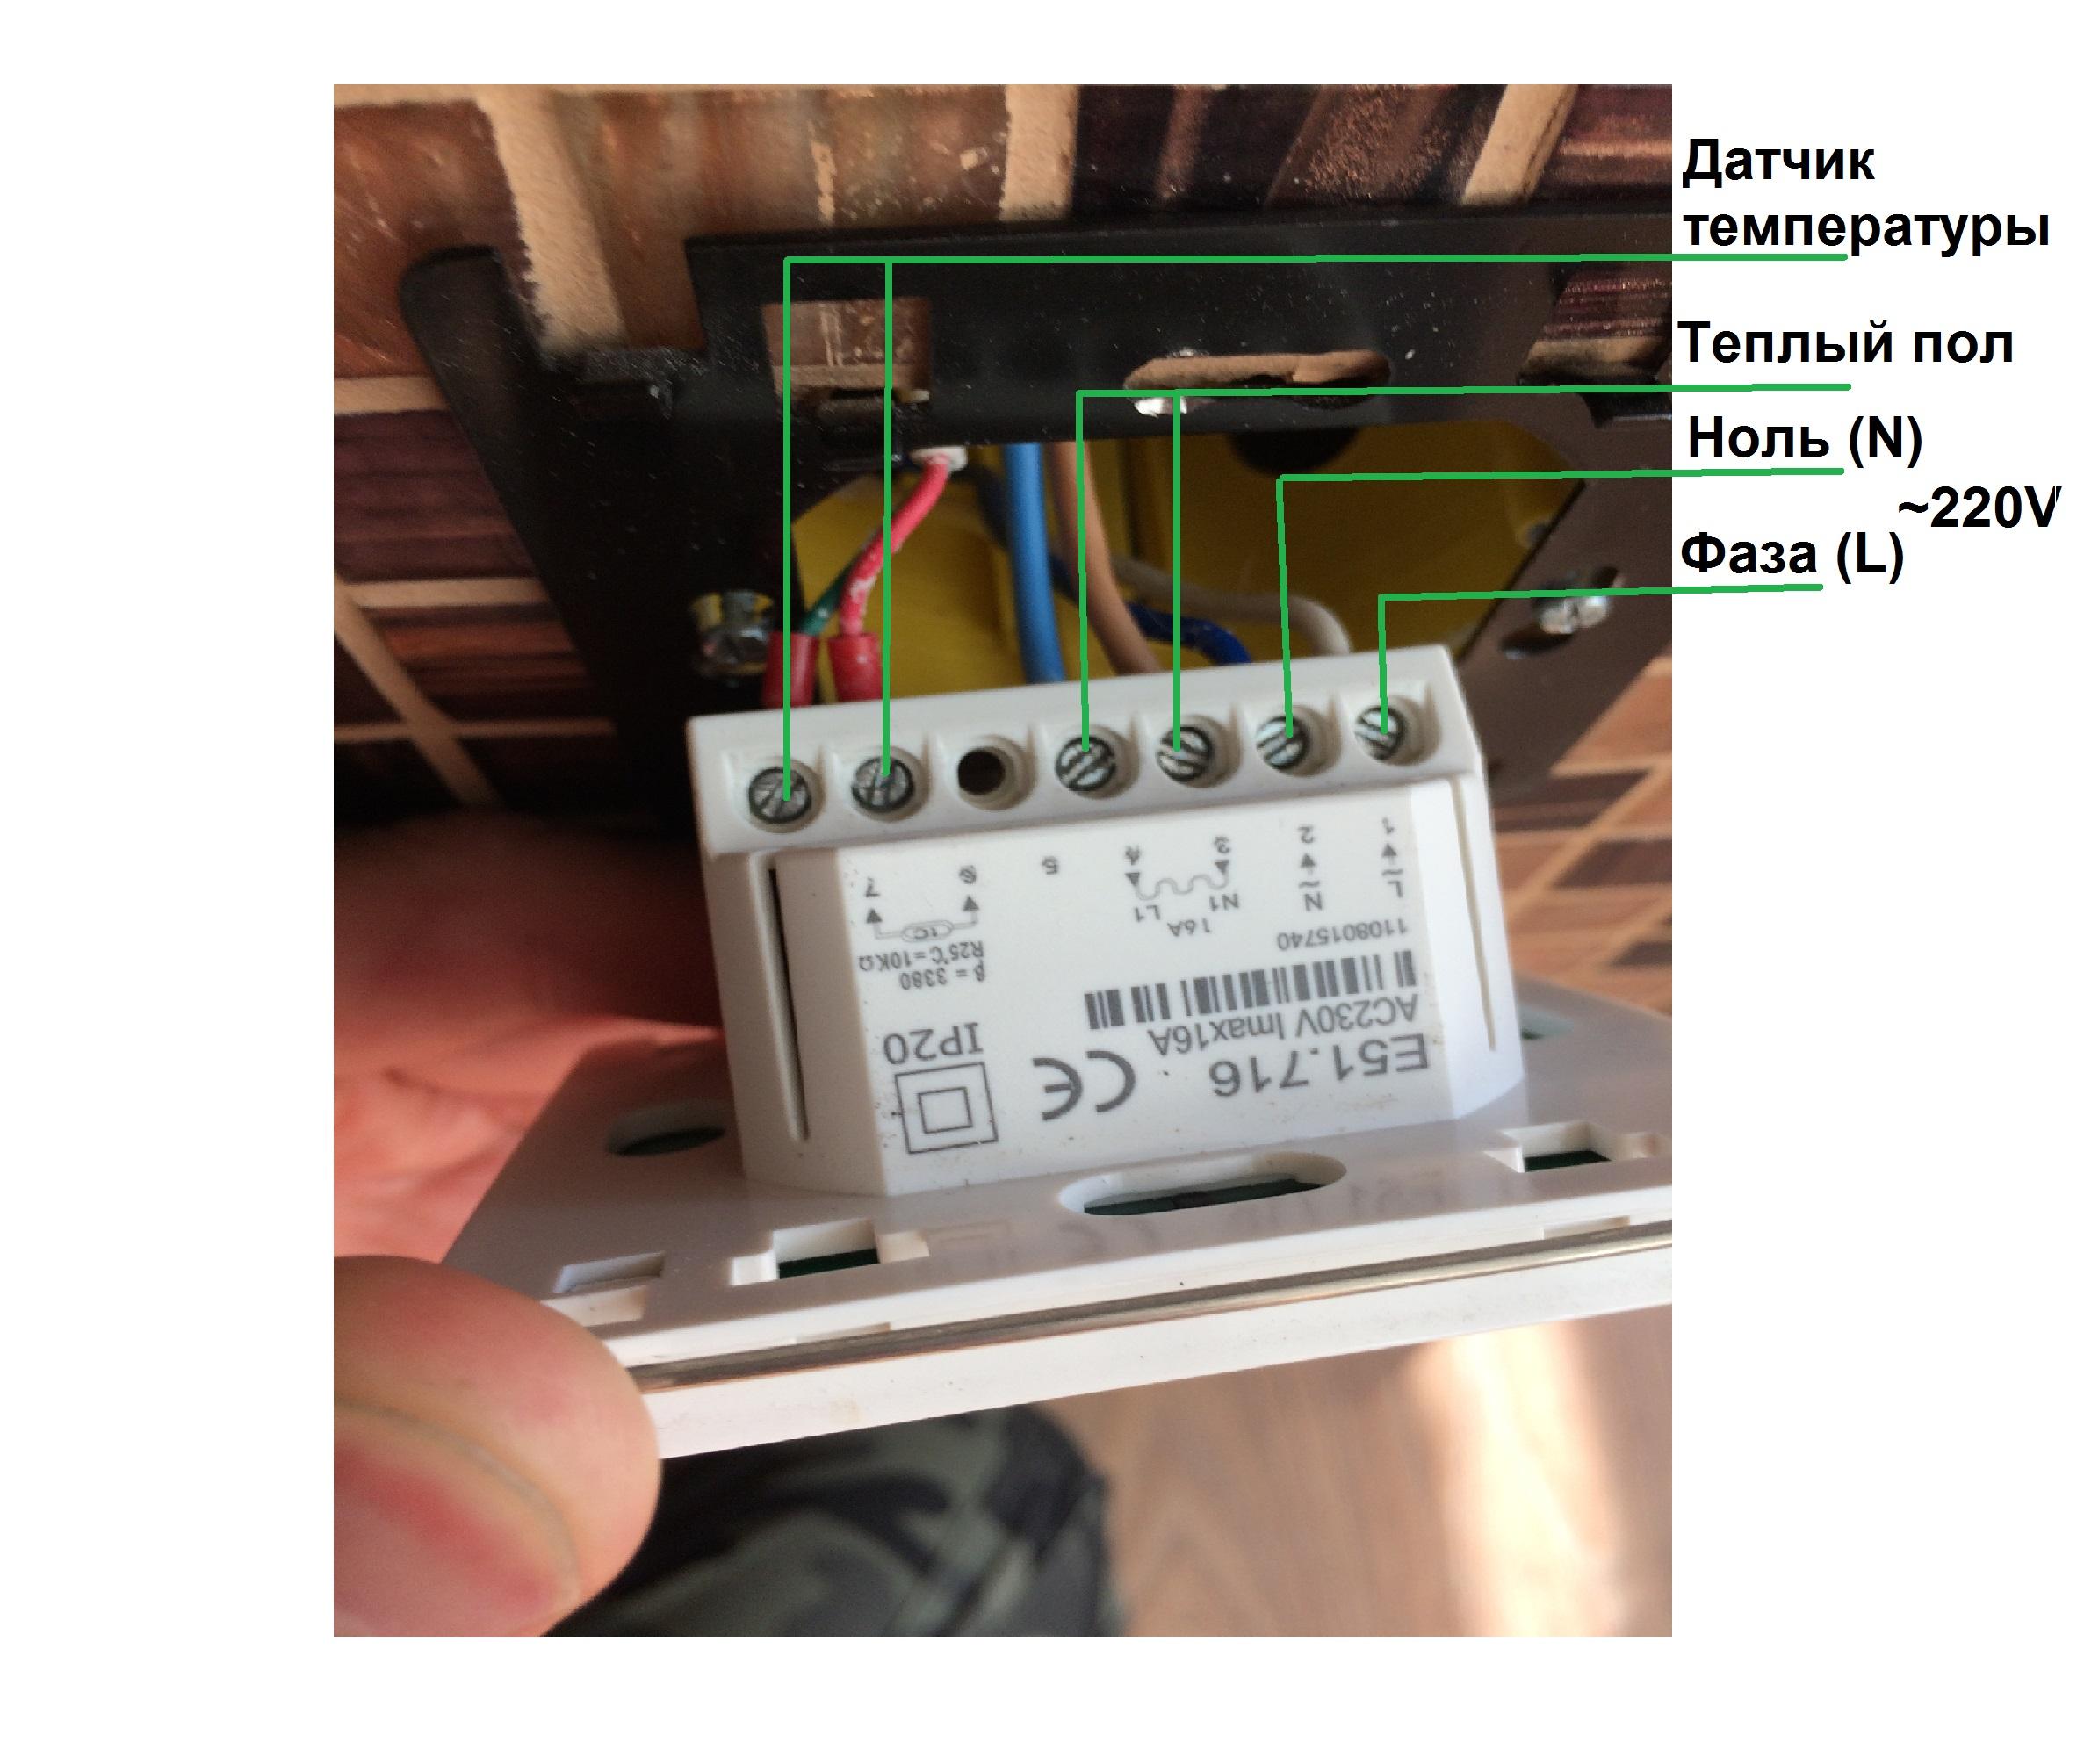 Схема подключения терморегулятора инфракрасного теплого пола на балконе